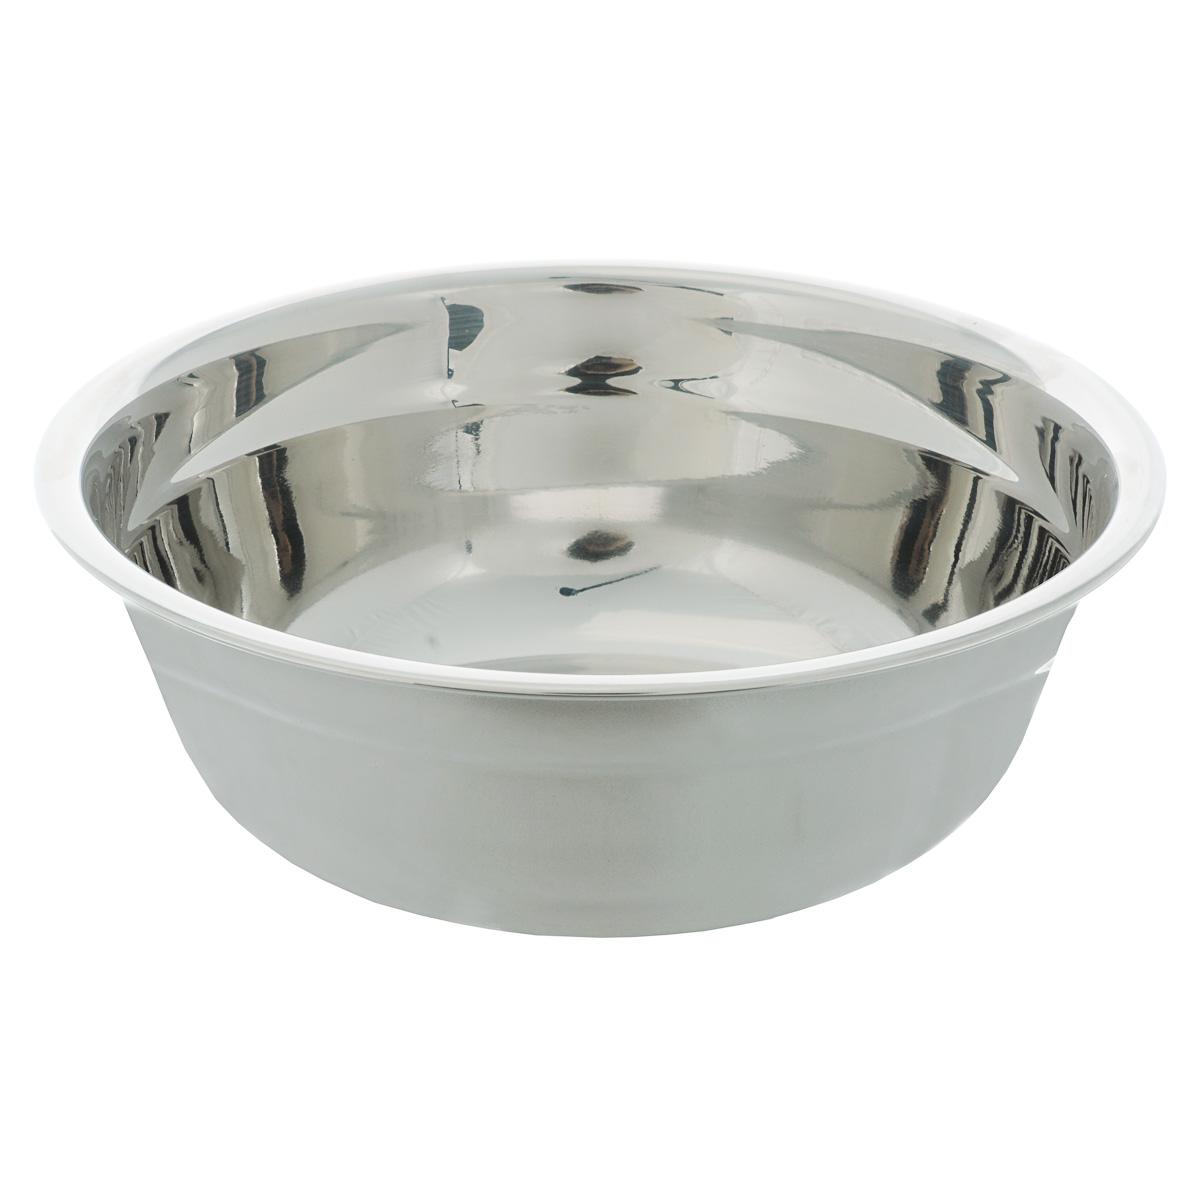 Миска глубокая Tatonka Deep Bowl, 1,6 л4034.000Глубокая миска Tatonka Deep Bowl с широкими краями выполнена из высококачественной нержавеющей стали. Может быть использована для приготовления пищи. Отлично подойдет для горячих блюд.Диаметр по верхнему краю: 19 см.Диаметр по дну: 11,5 см.Высота: 6,5 см.